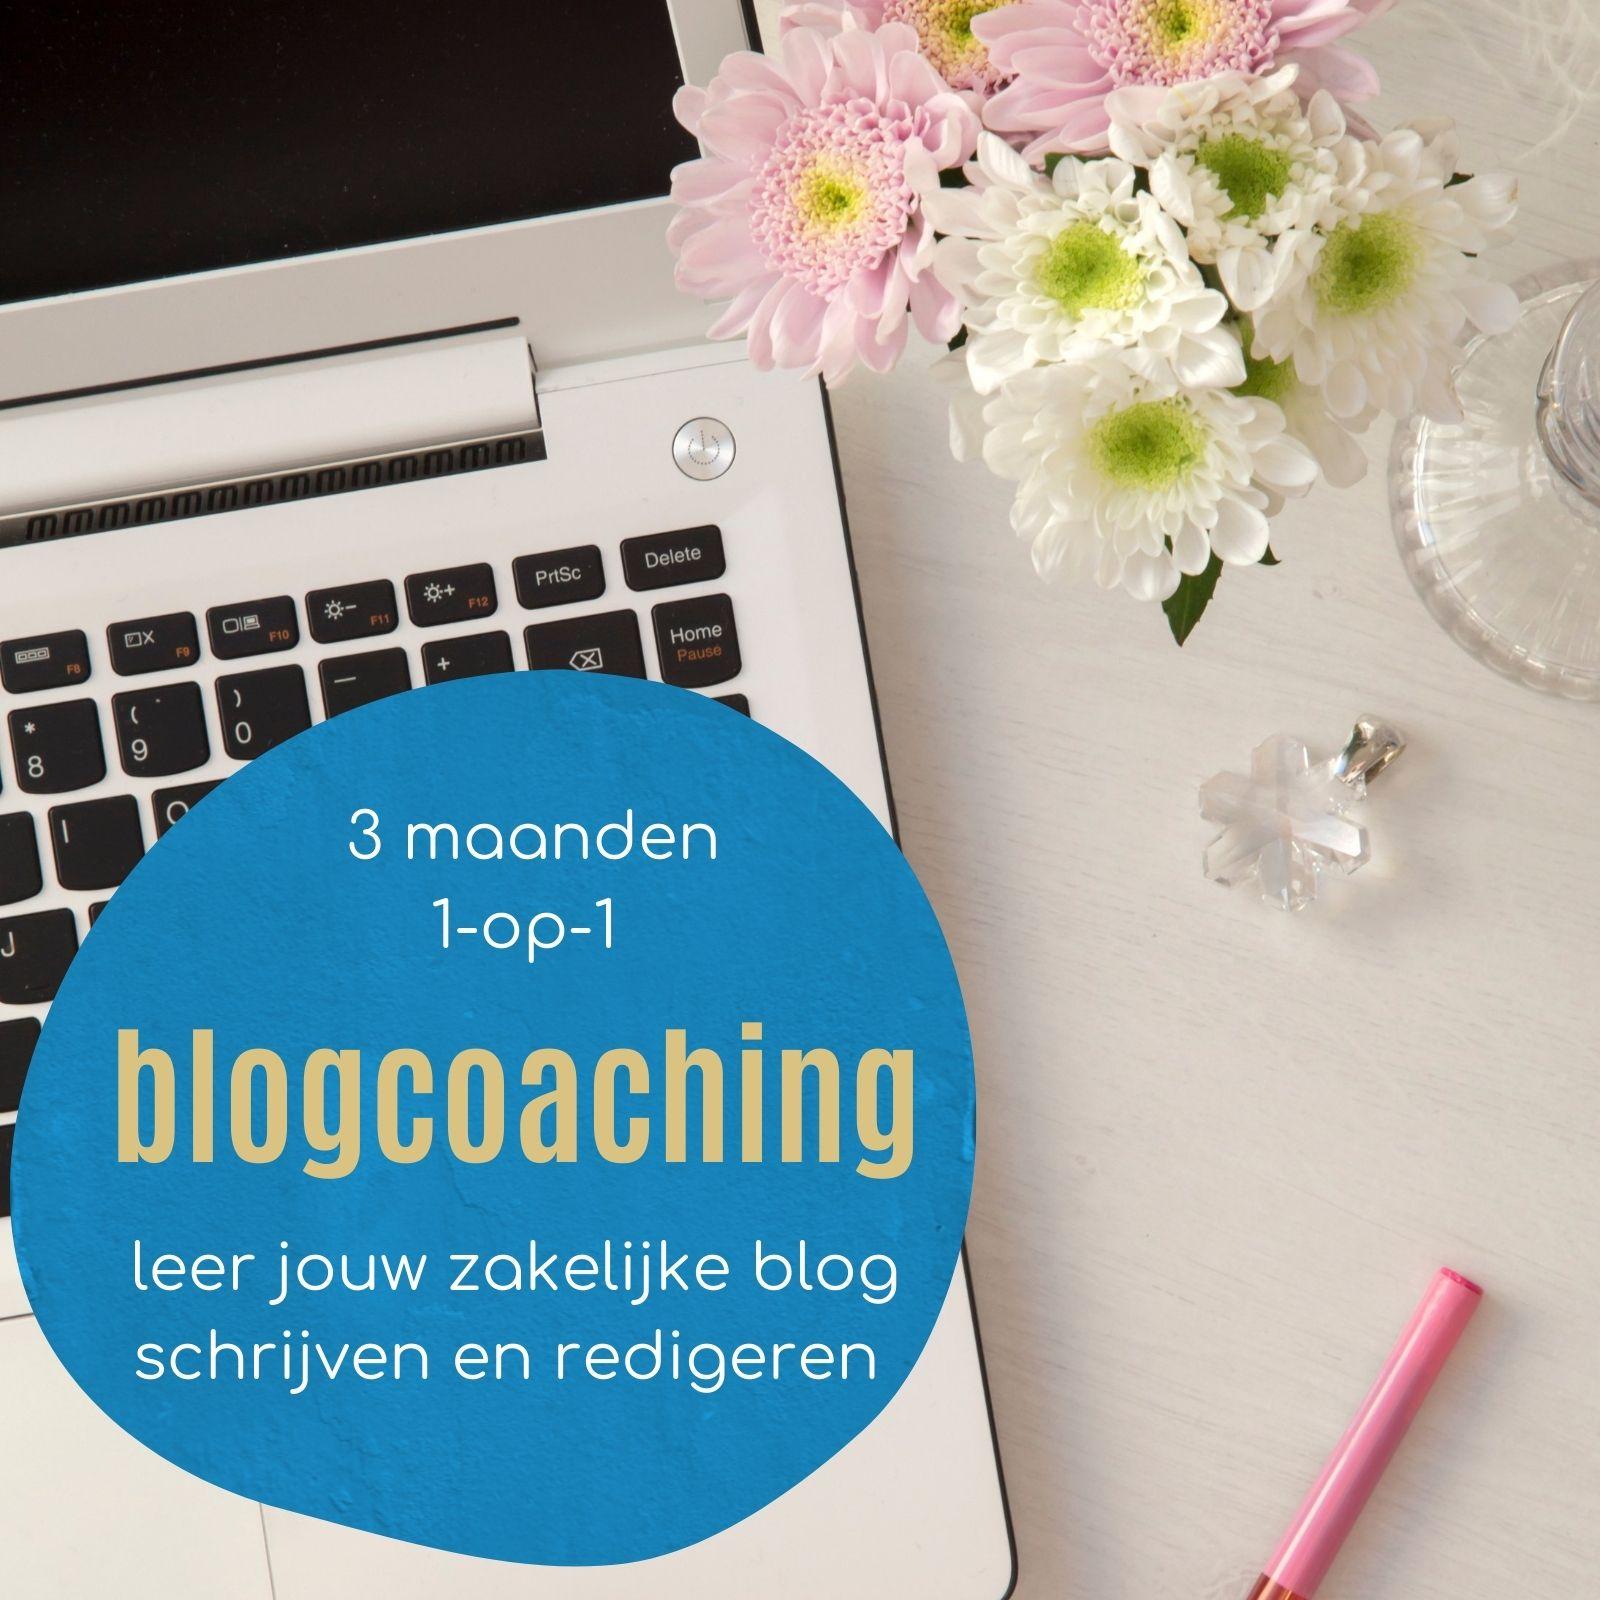 blogcoaching 1-op-1